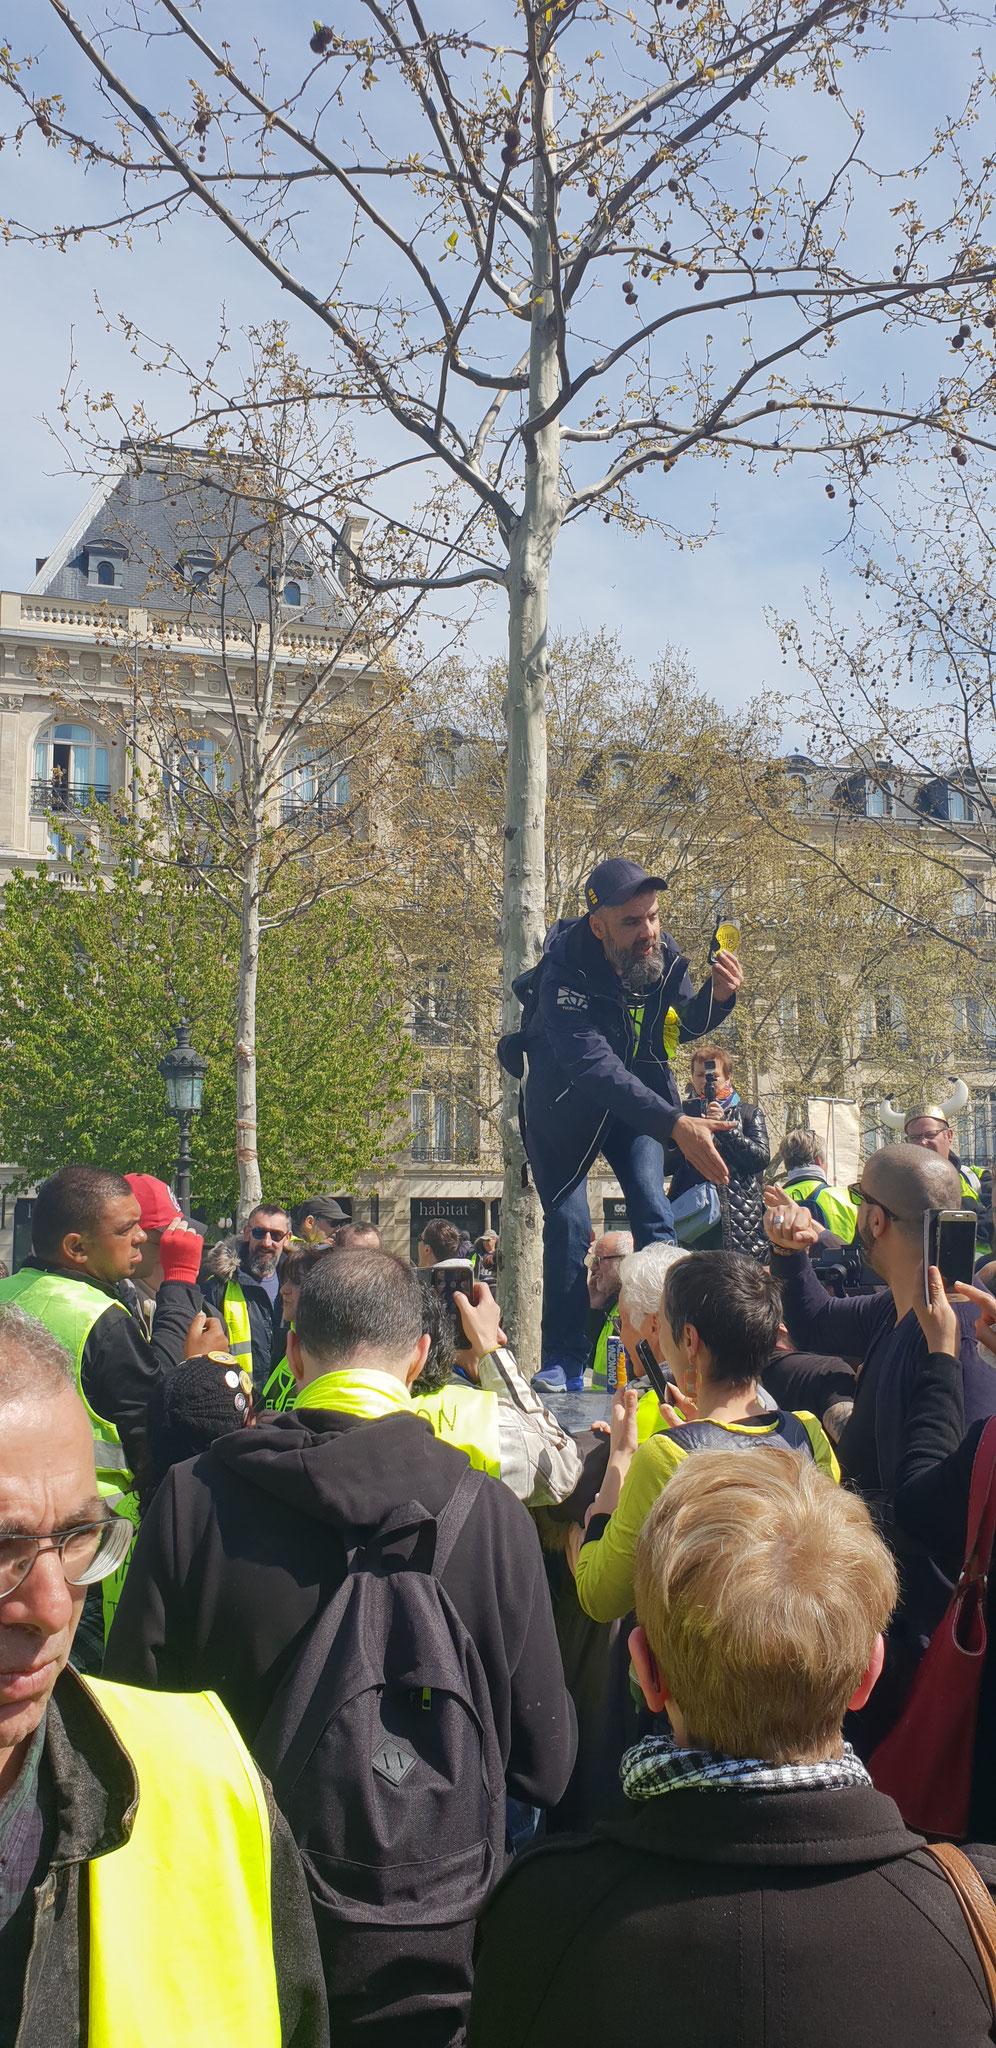 Acte 21 le 06 Avril  2019 je me rends à Paris pour y rencontrer des Journalistes www.jesuispatrick.com